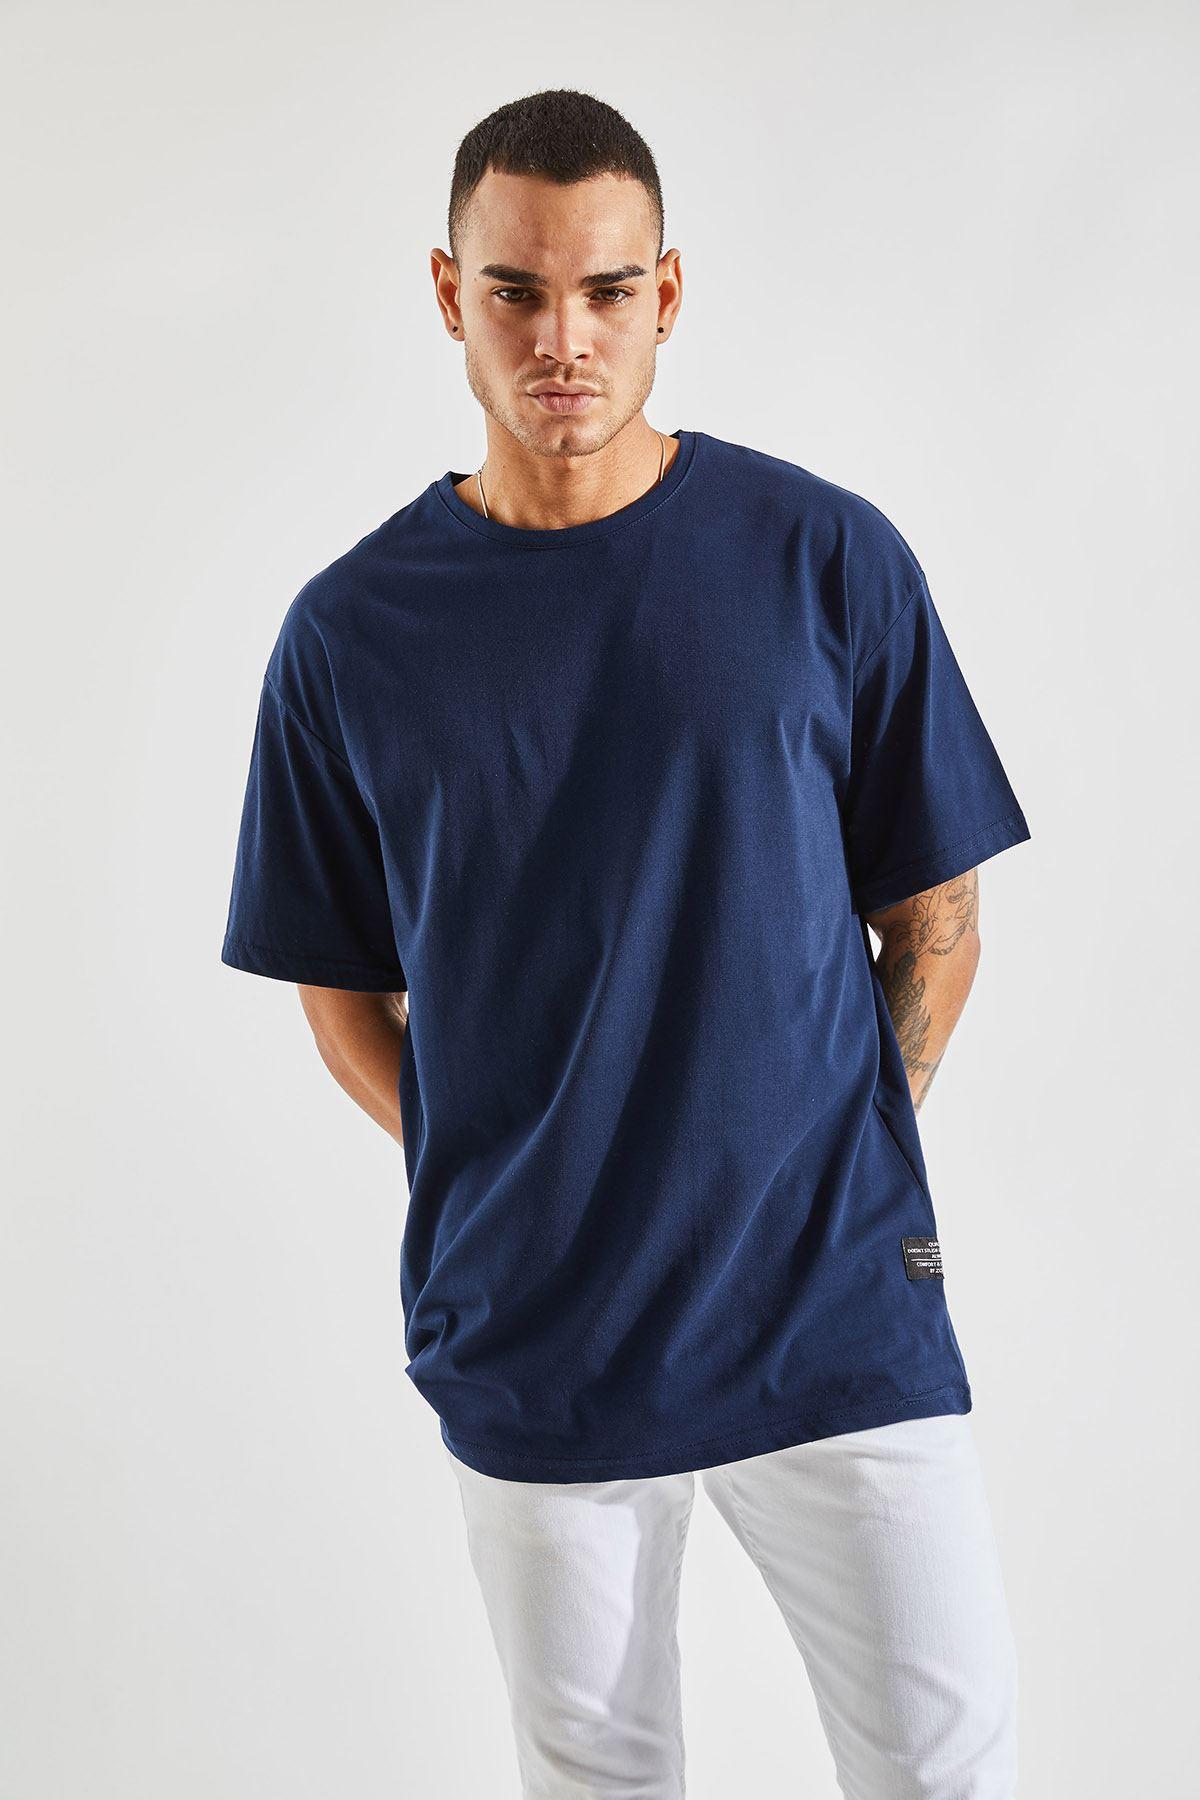 Erkek Oversize Lacivert Tişört